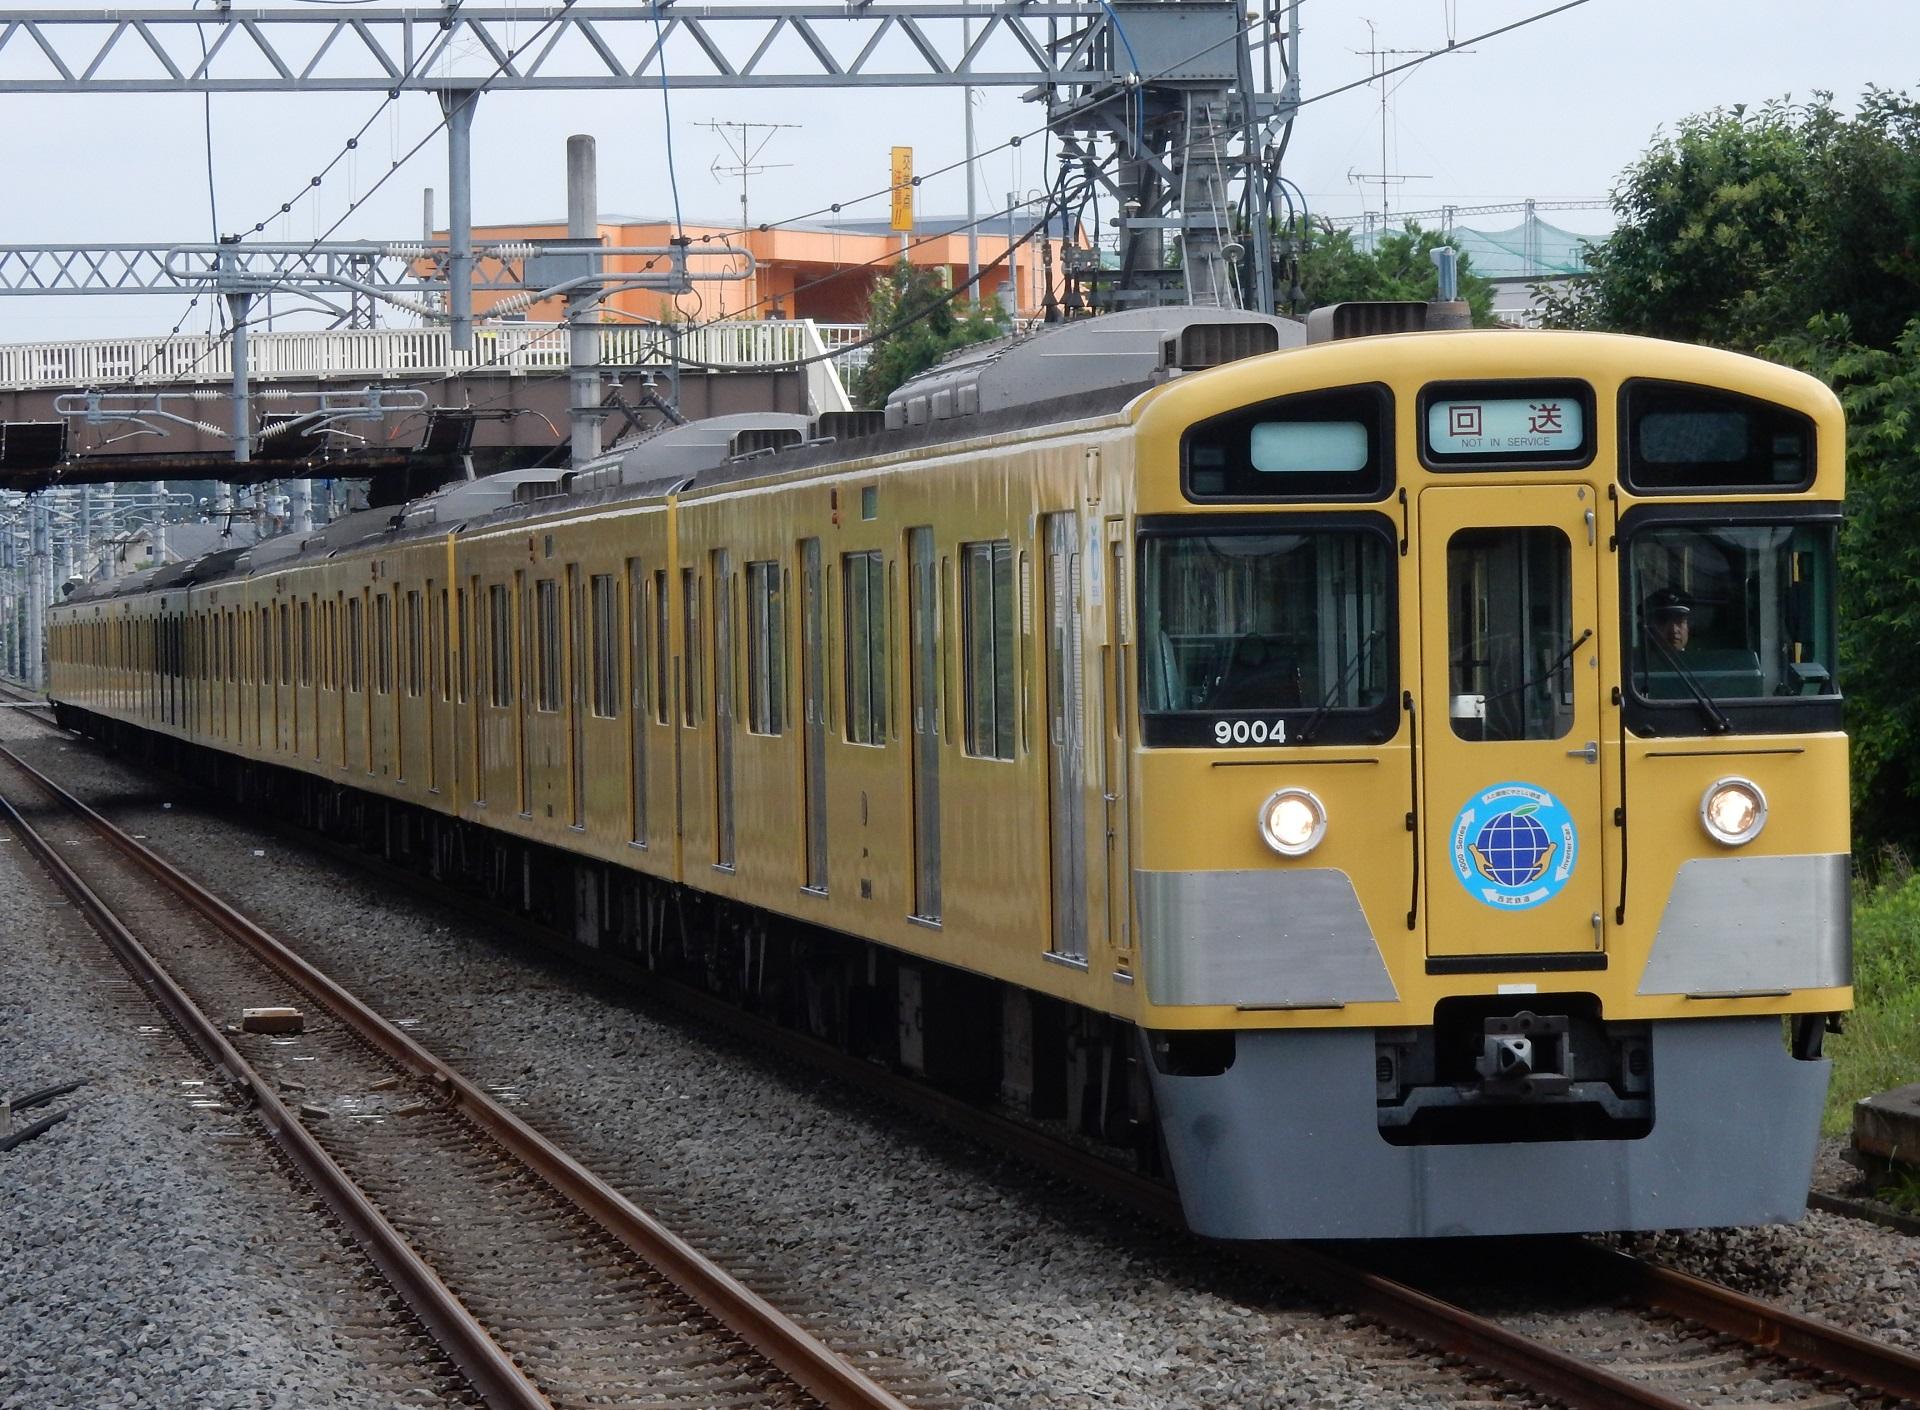 DSCN2606 - コピー